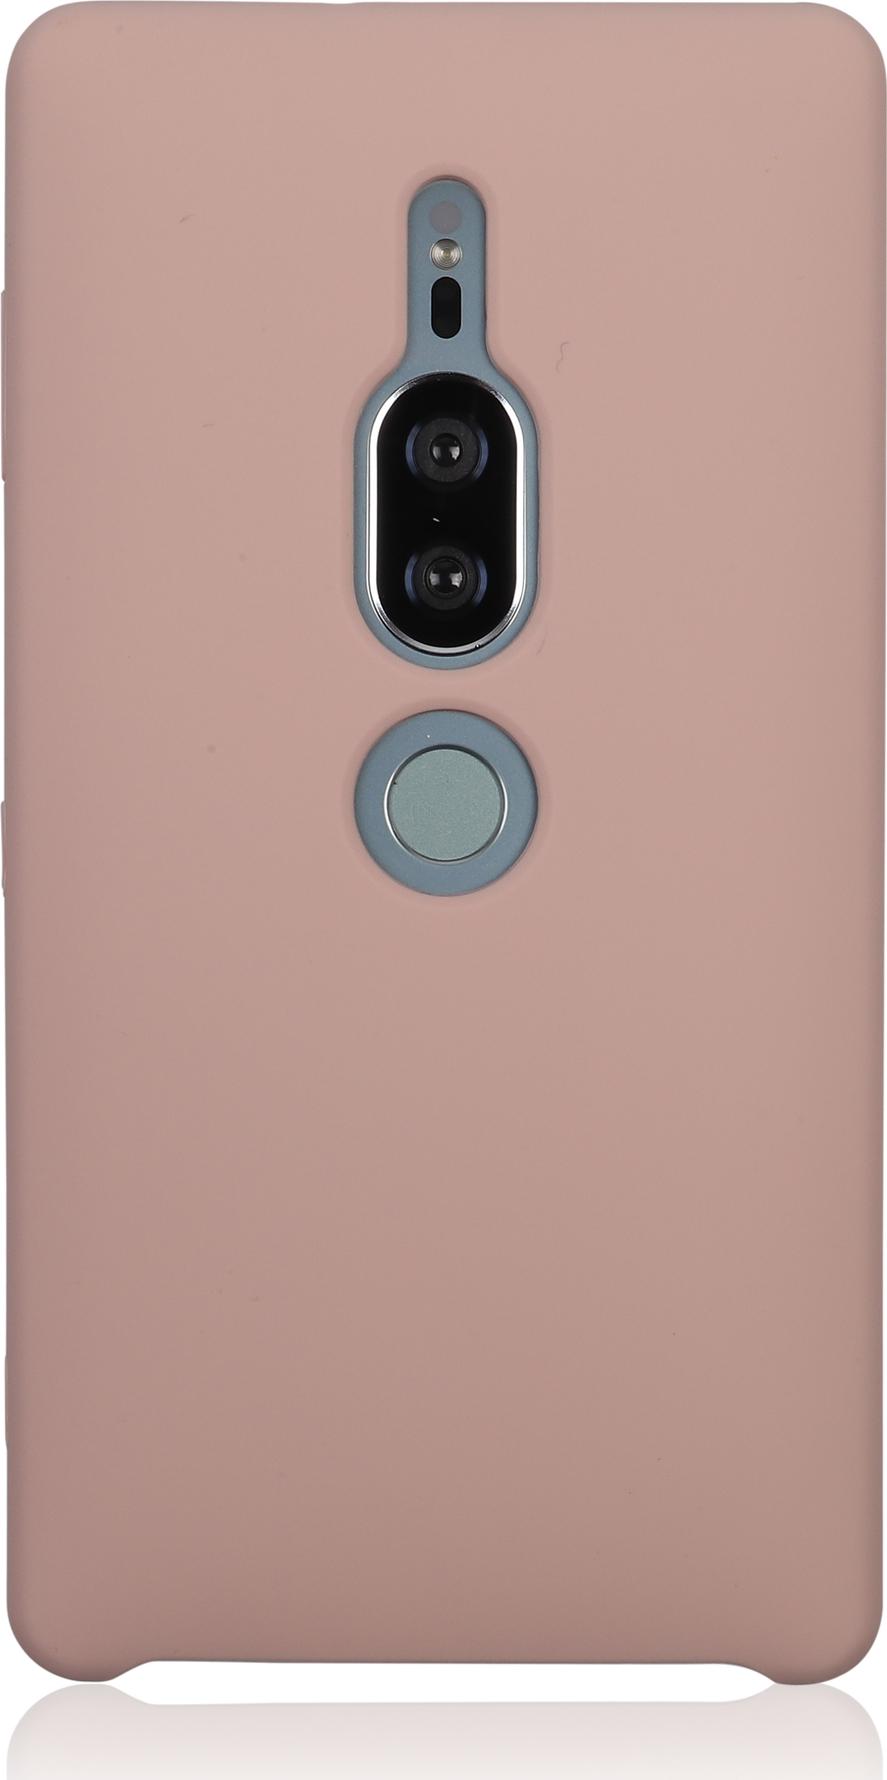 Чехол Brosco Softrubber для Sony Xperia XZ2 Premium, розовый wierss розовый для sony xz2